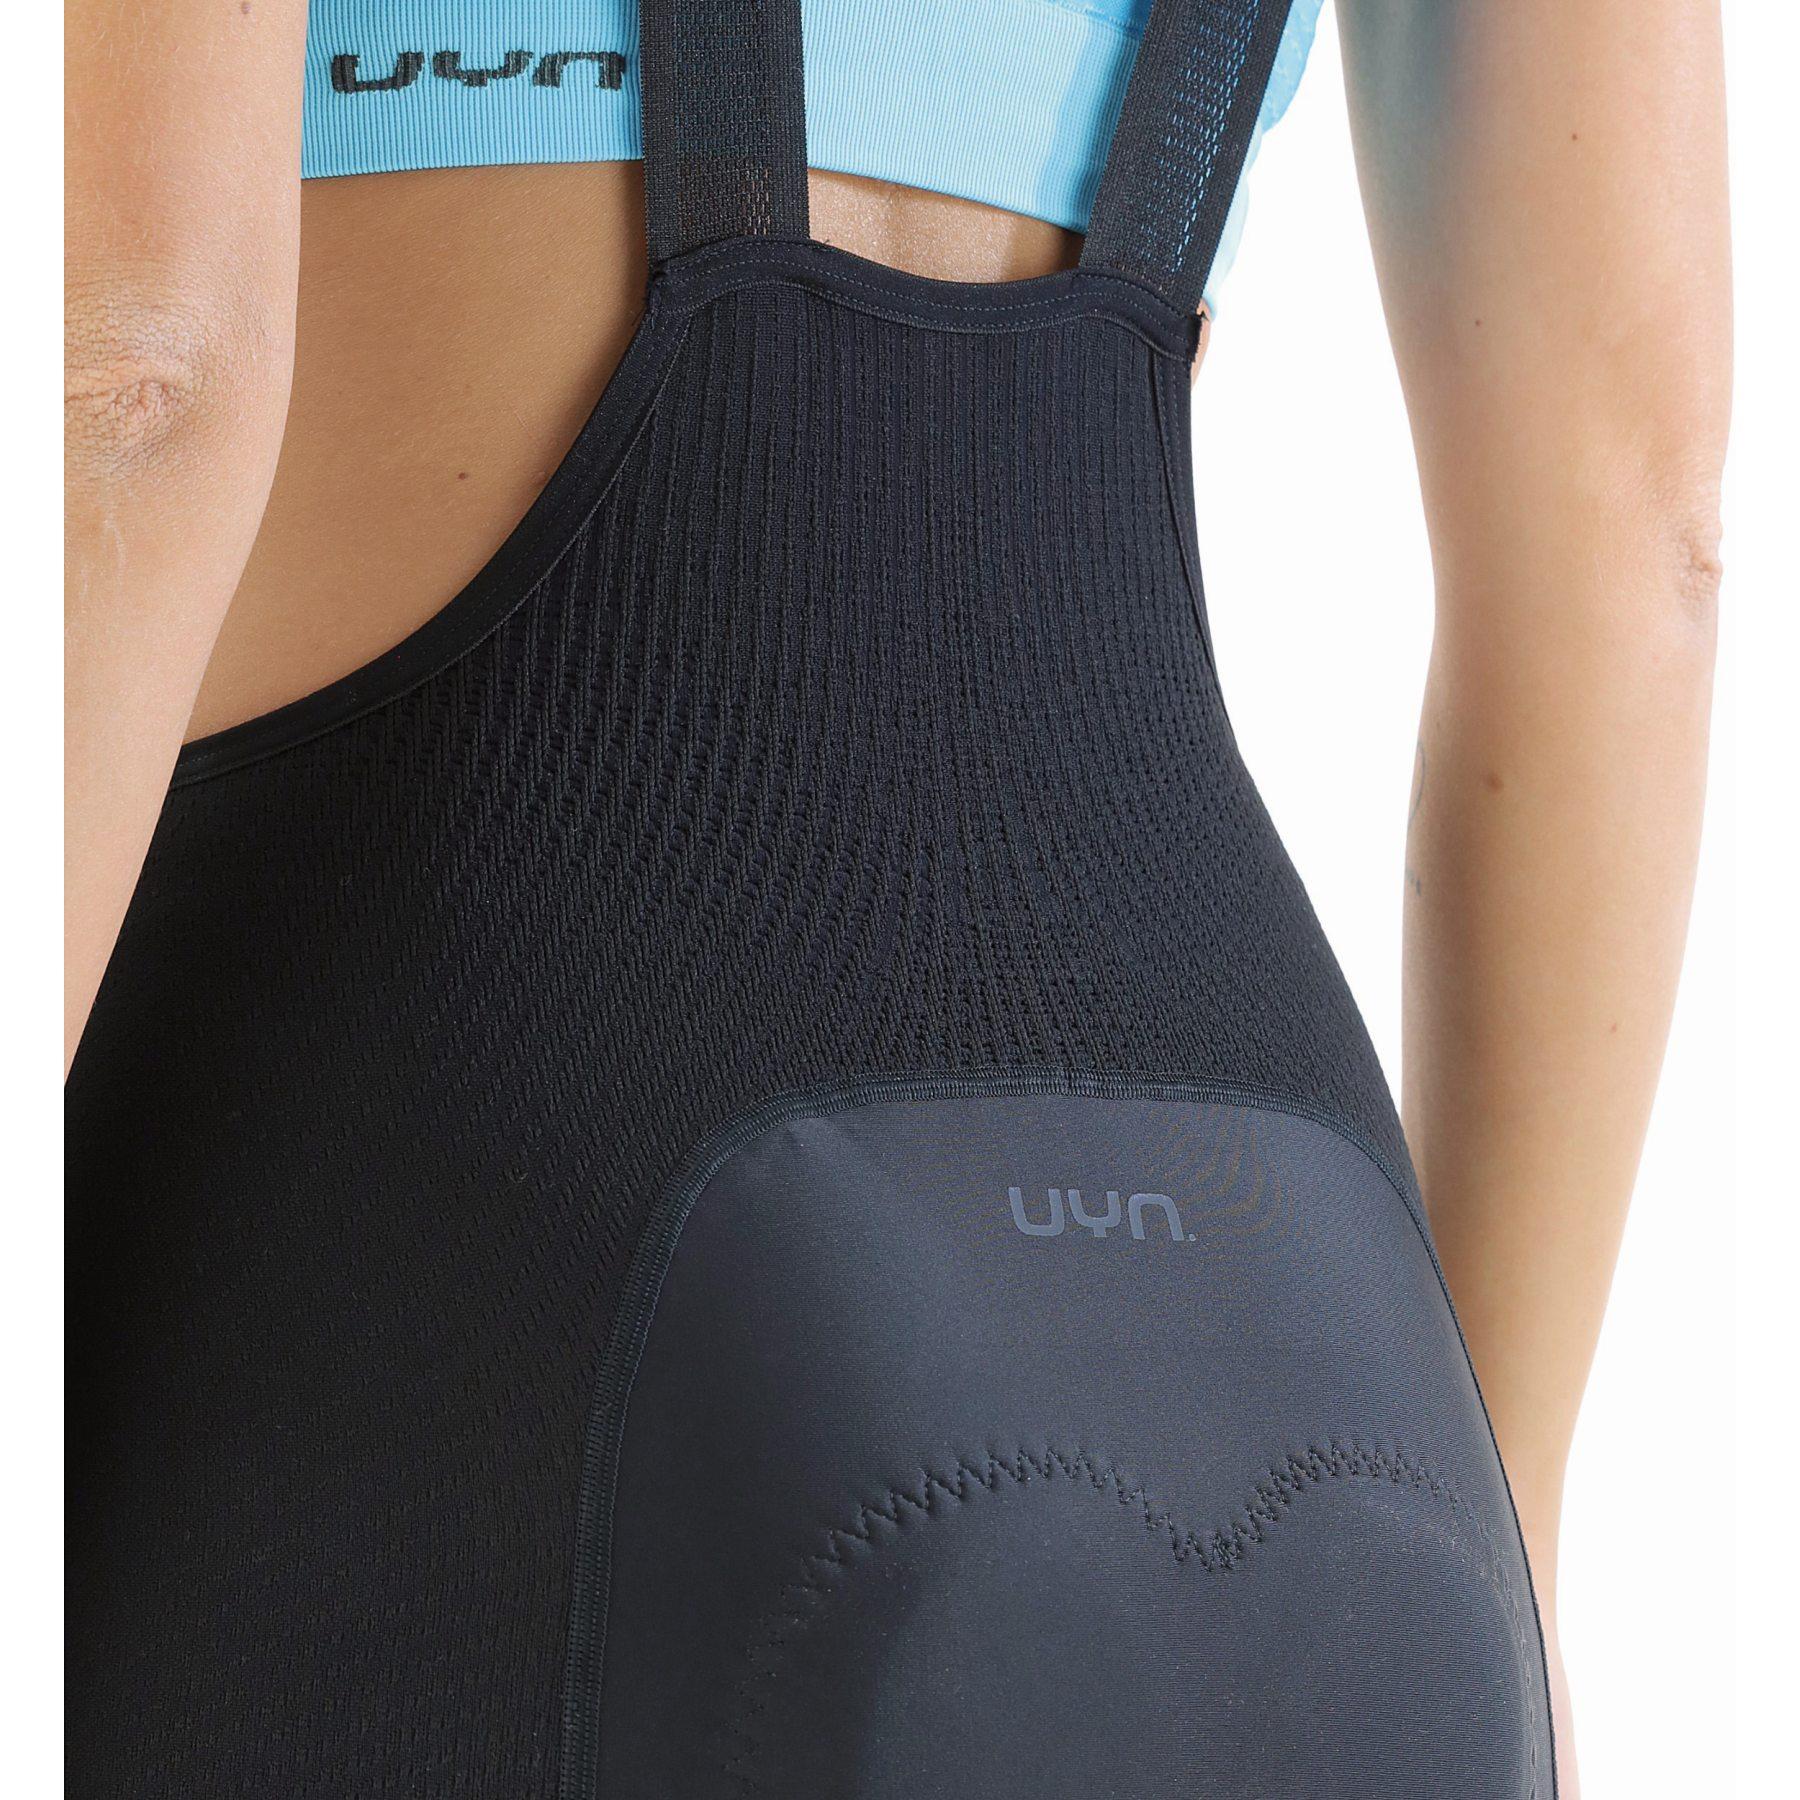 Bild von UYN Biking Ridemiles Trägerhose Damen - Schwarz/Schwarz